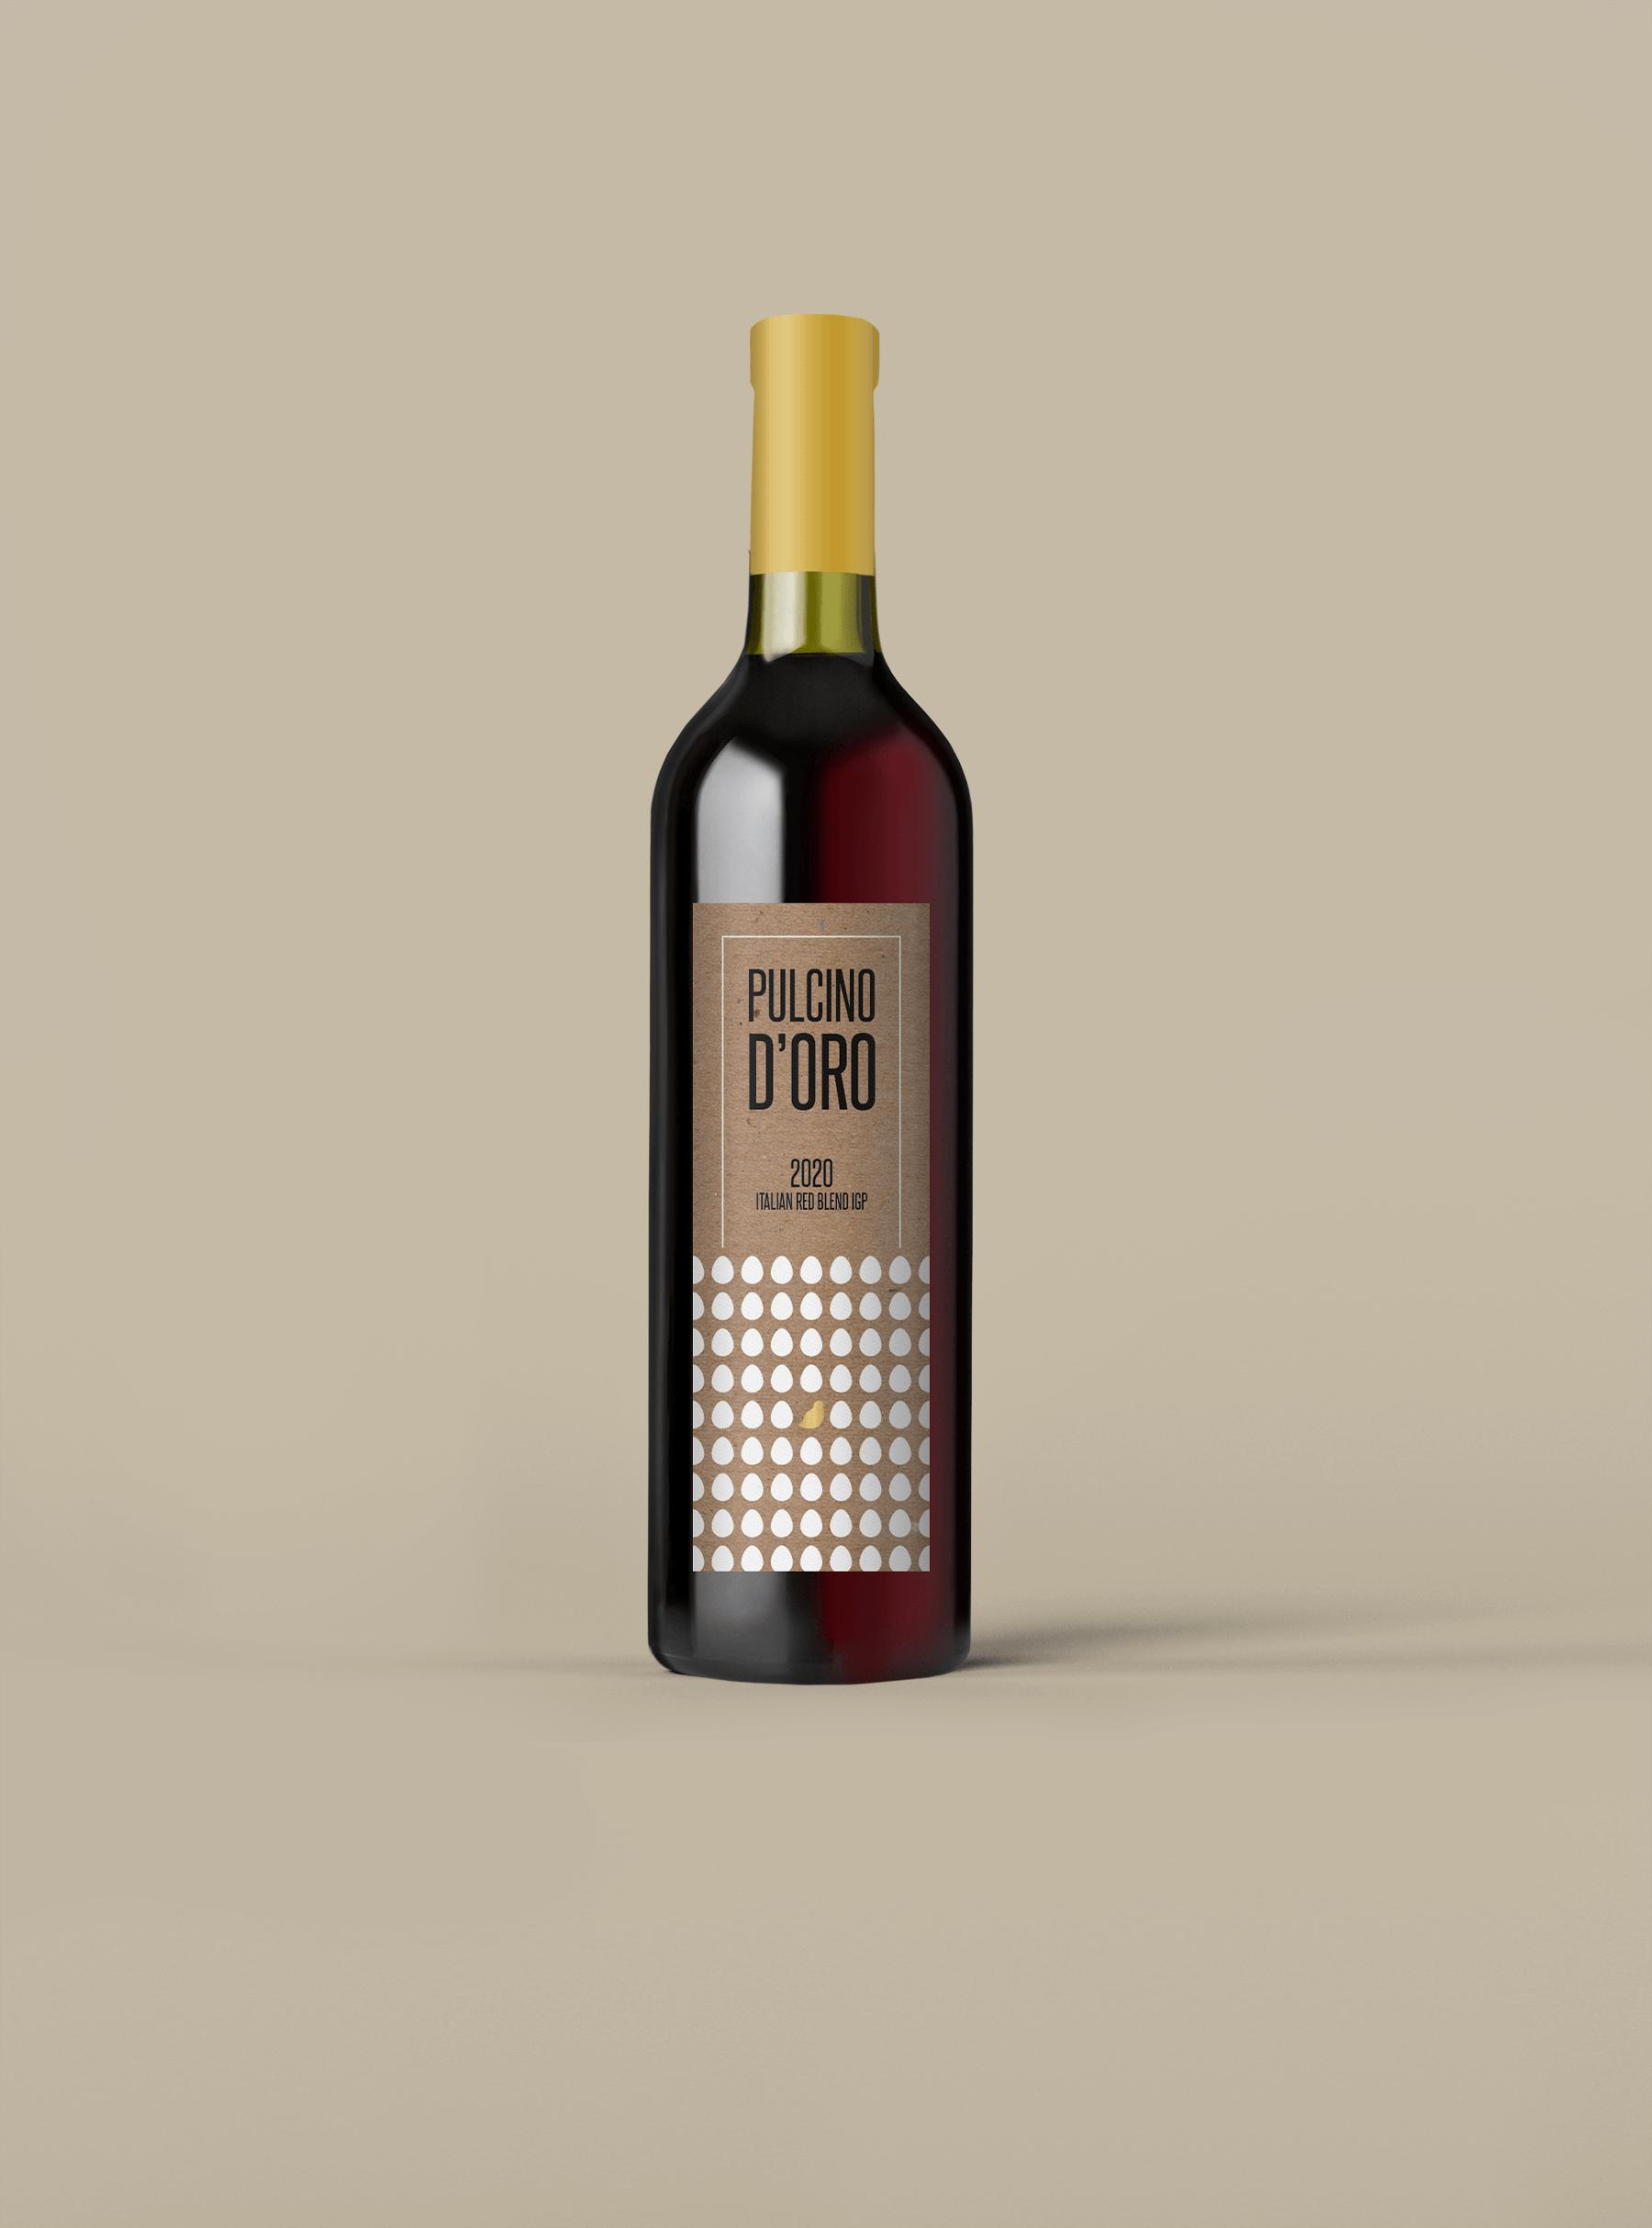 Pulcino d'Oro Terre Siciliane IGP Red Wine